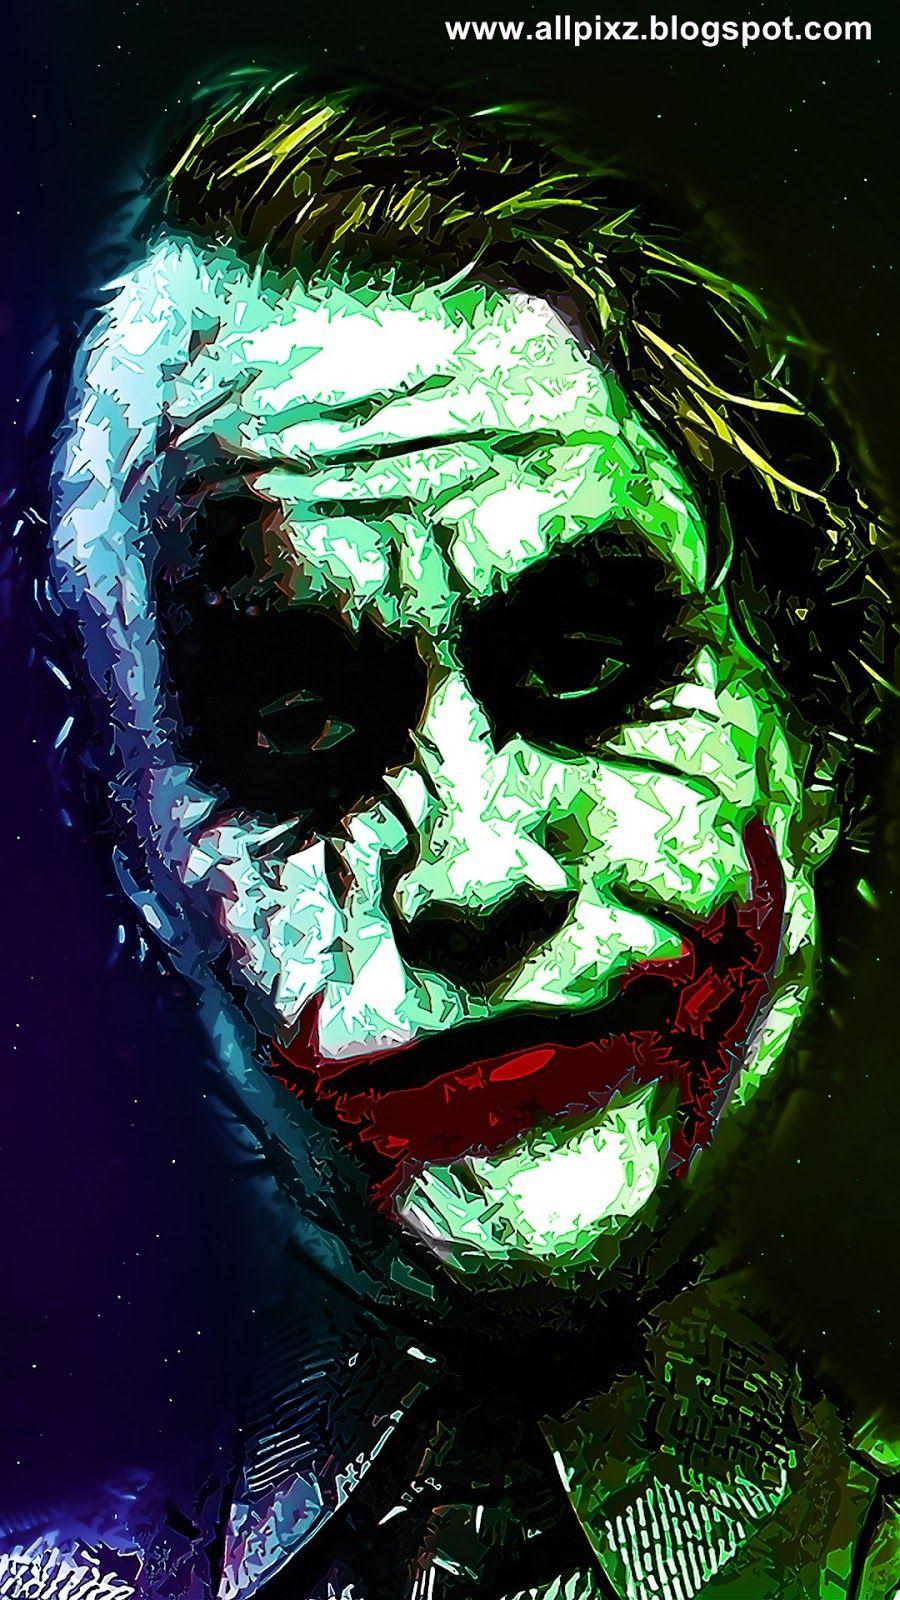 Jokers hd wallpaper